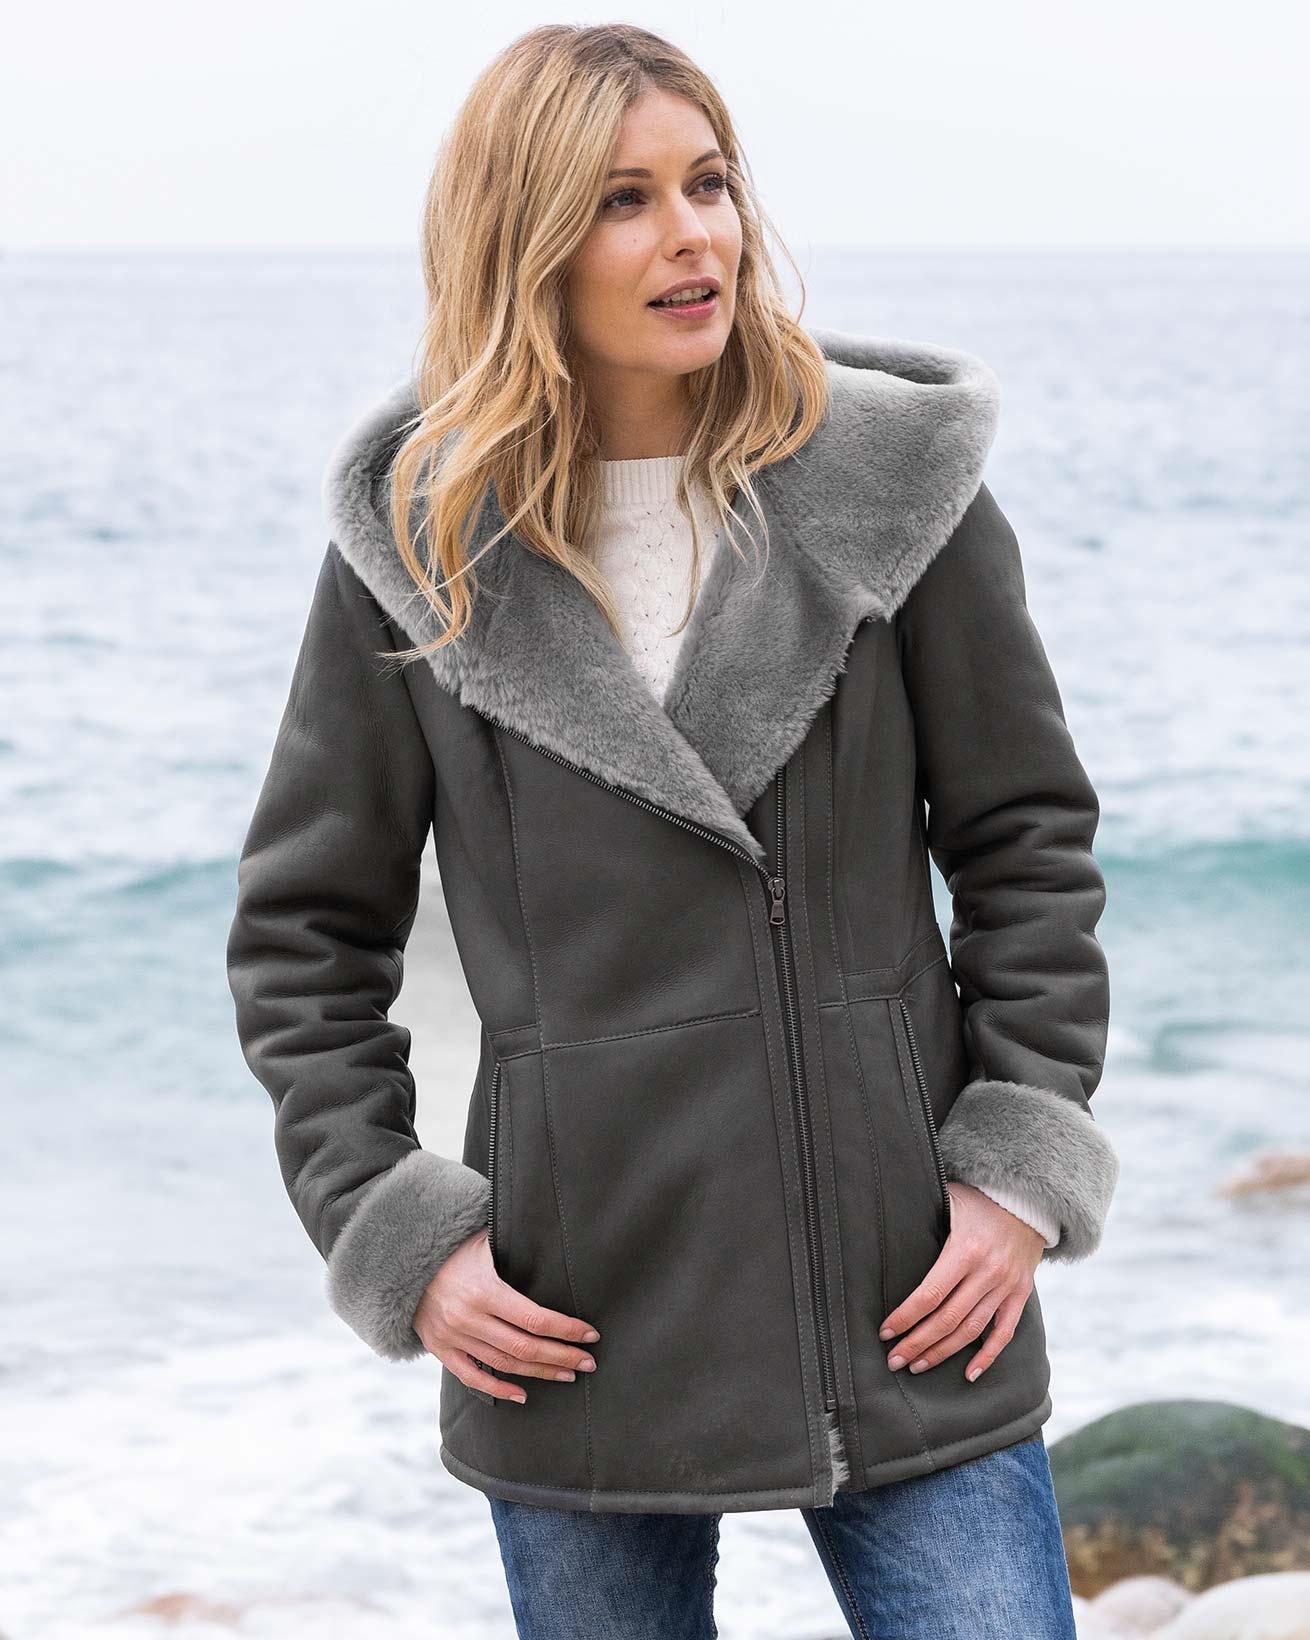 7830-7591-7621_hooded-zip-jacket_derby-grey-179_web_crop.jpg